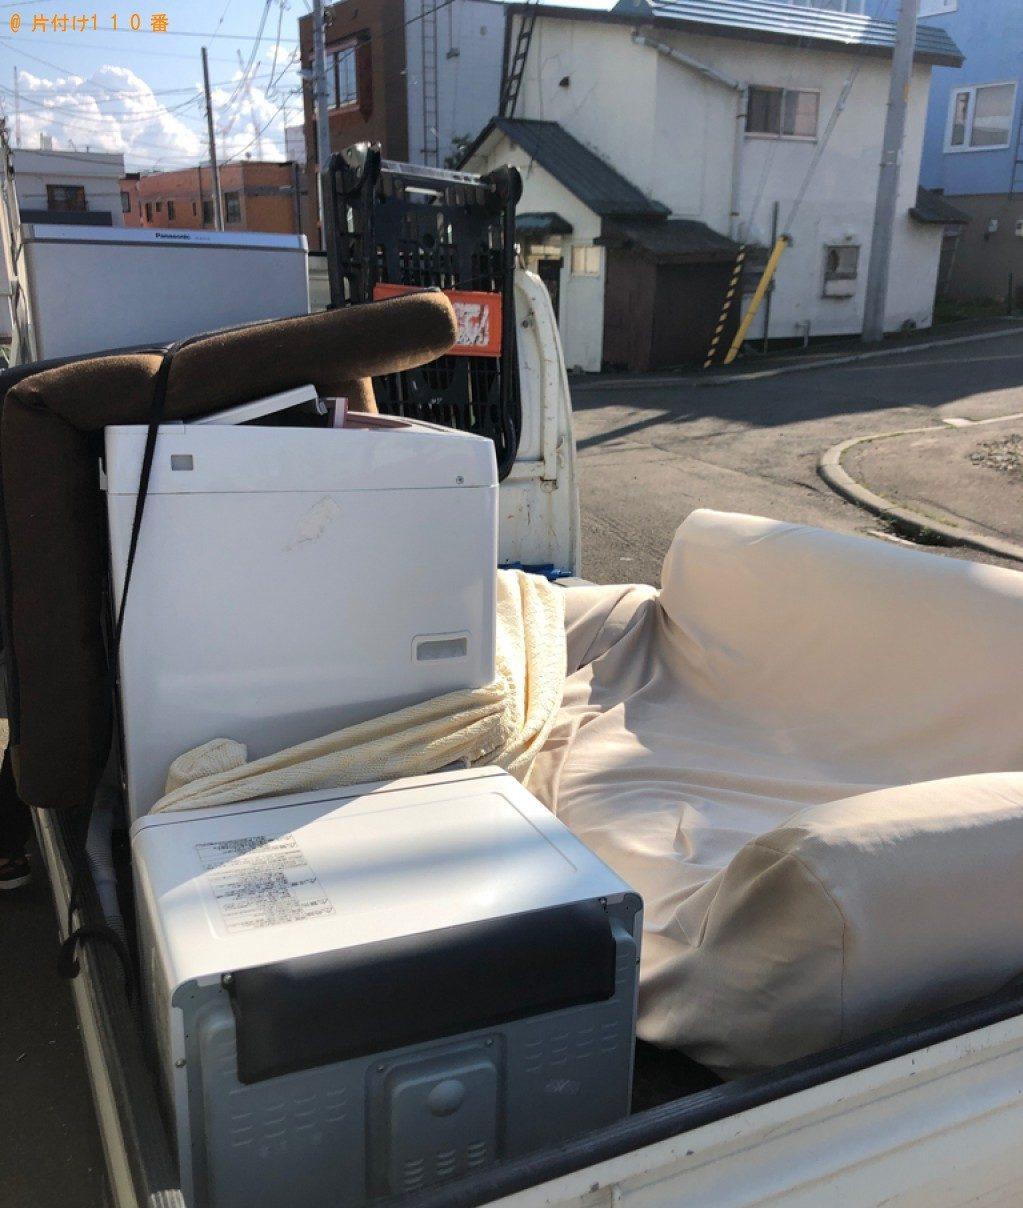 【葛飾区】遺品整理に伴い、洗濯機、ソファー、小型家電等の回収・処分ご依頼